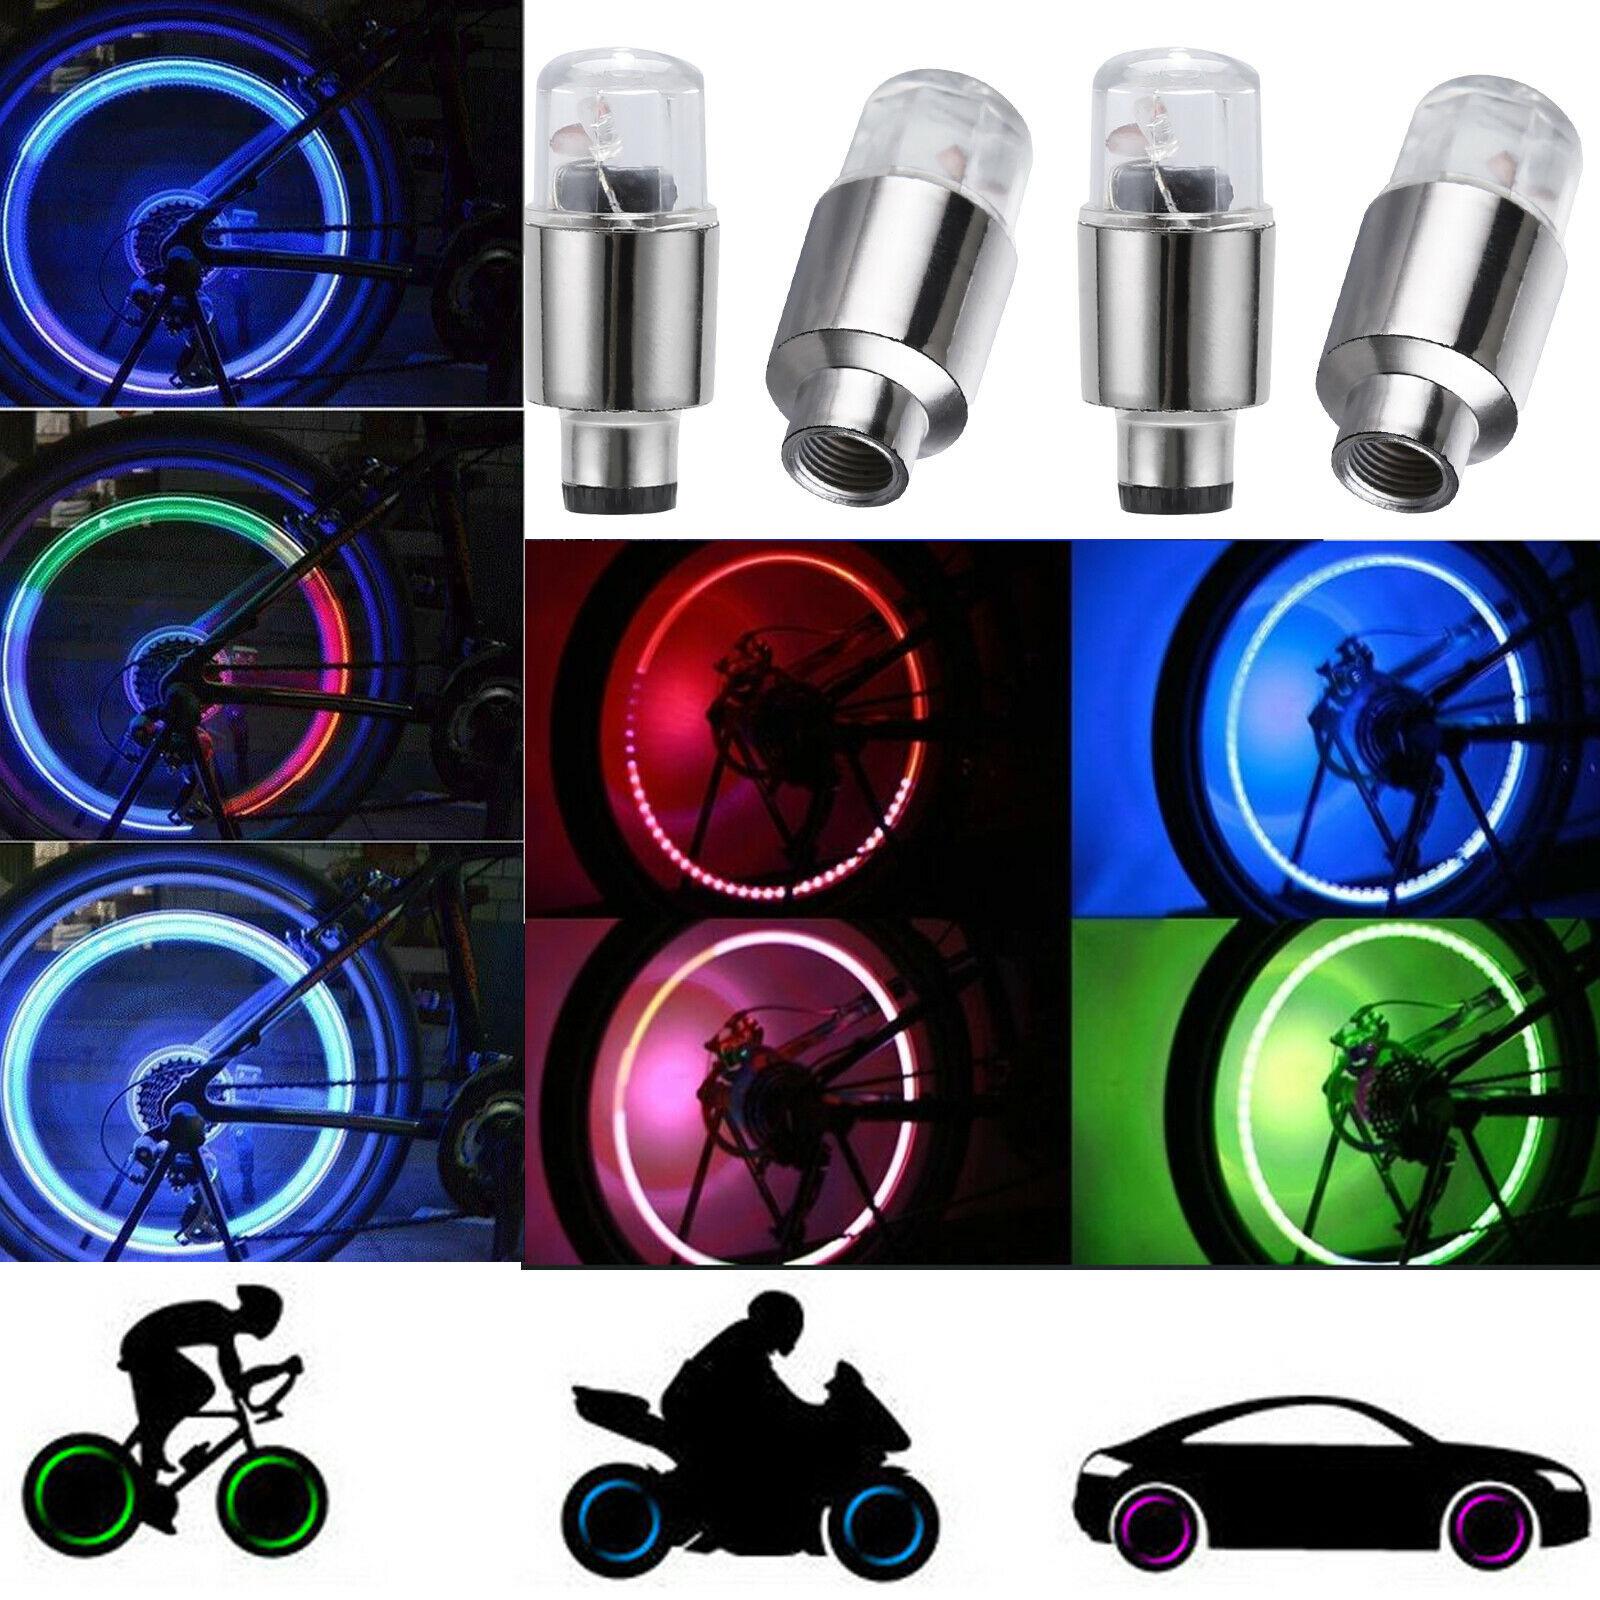 4 x Tapón Luz LED Luces colorido  para Válvula Rueda Moto Coche Bici Bicicleta